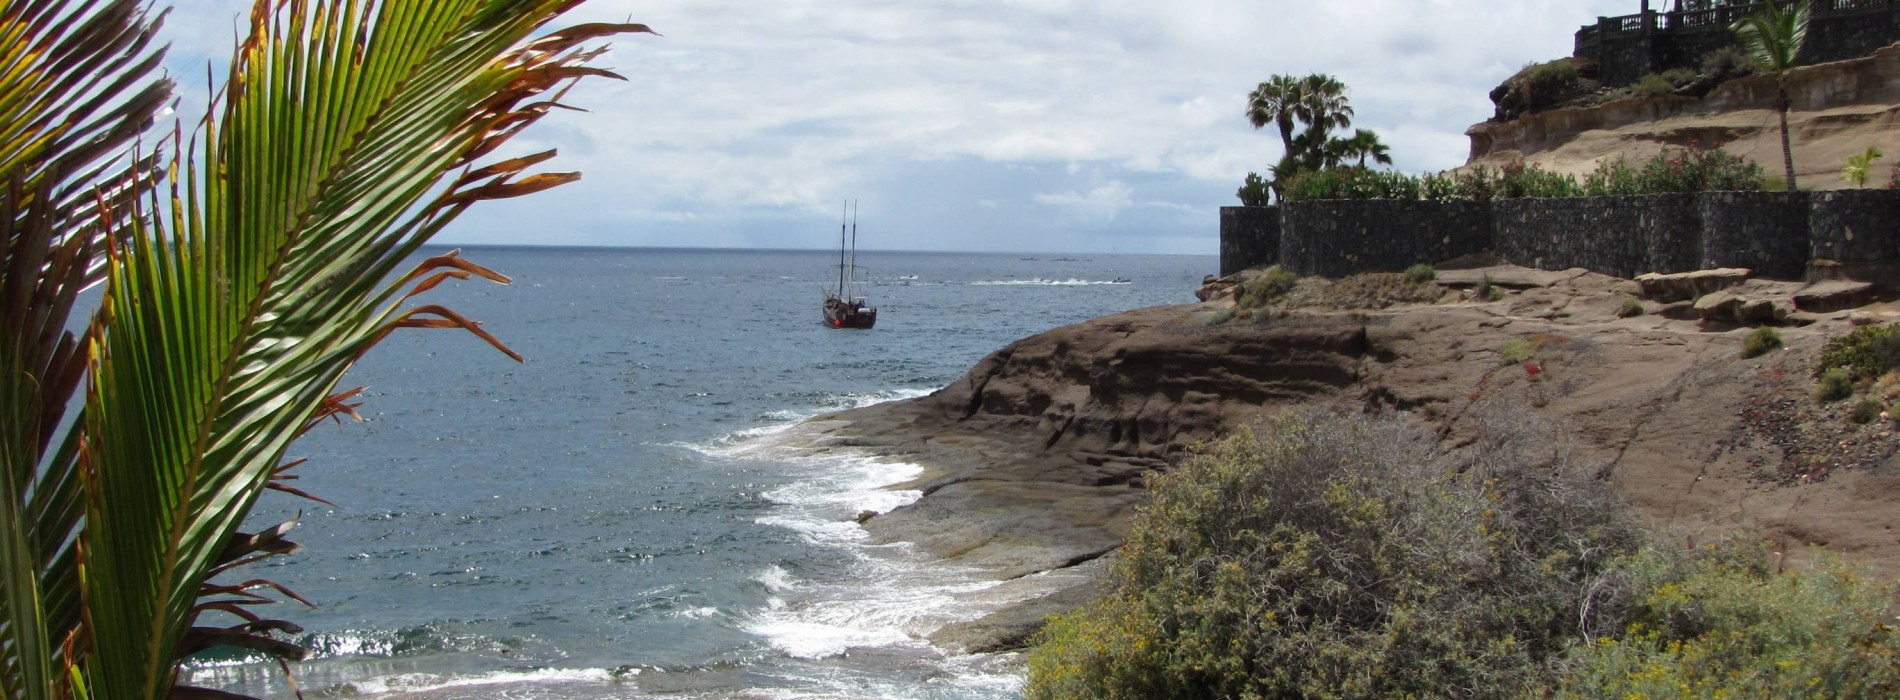 A trip to Tenerife